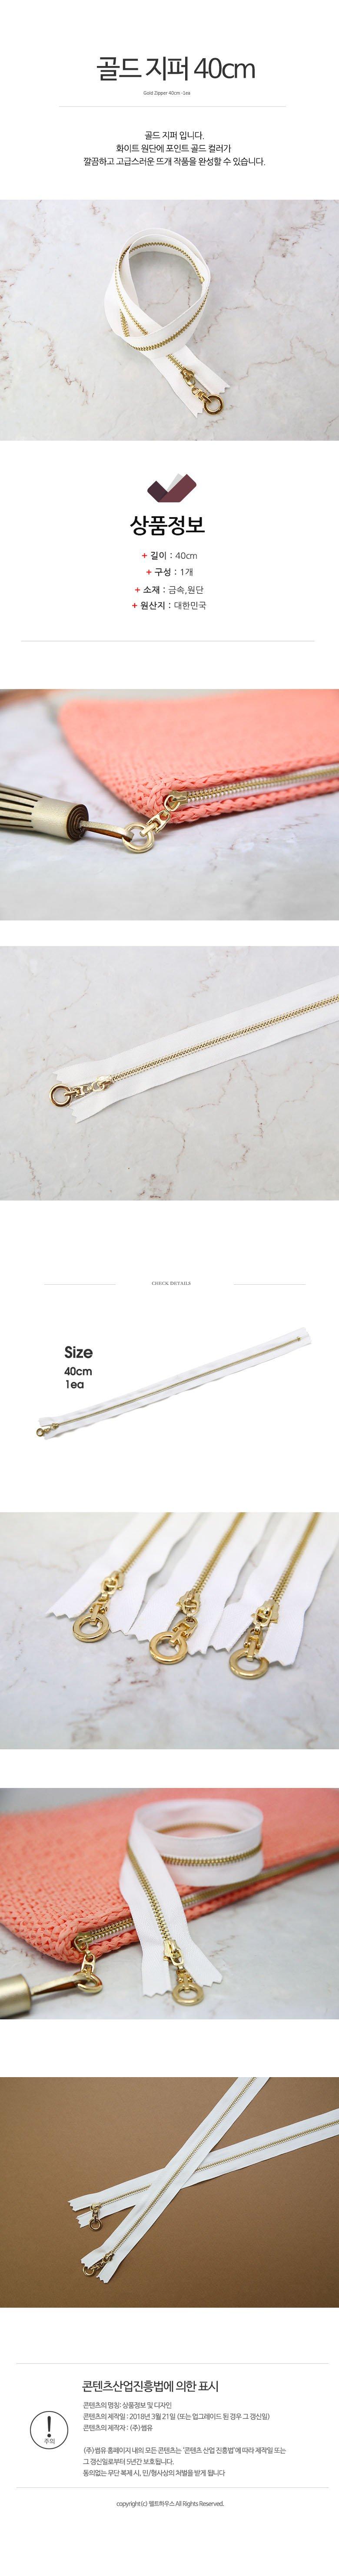 골드지퍼 40cm - 니뜨, 1,800원, 뜨개질, 뜨개질 부자재